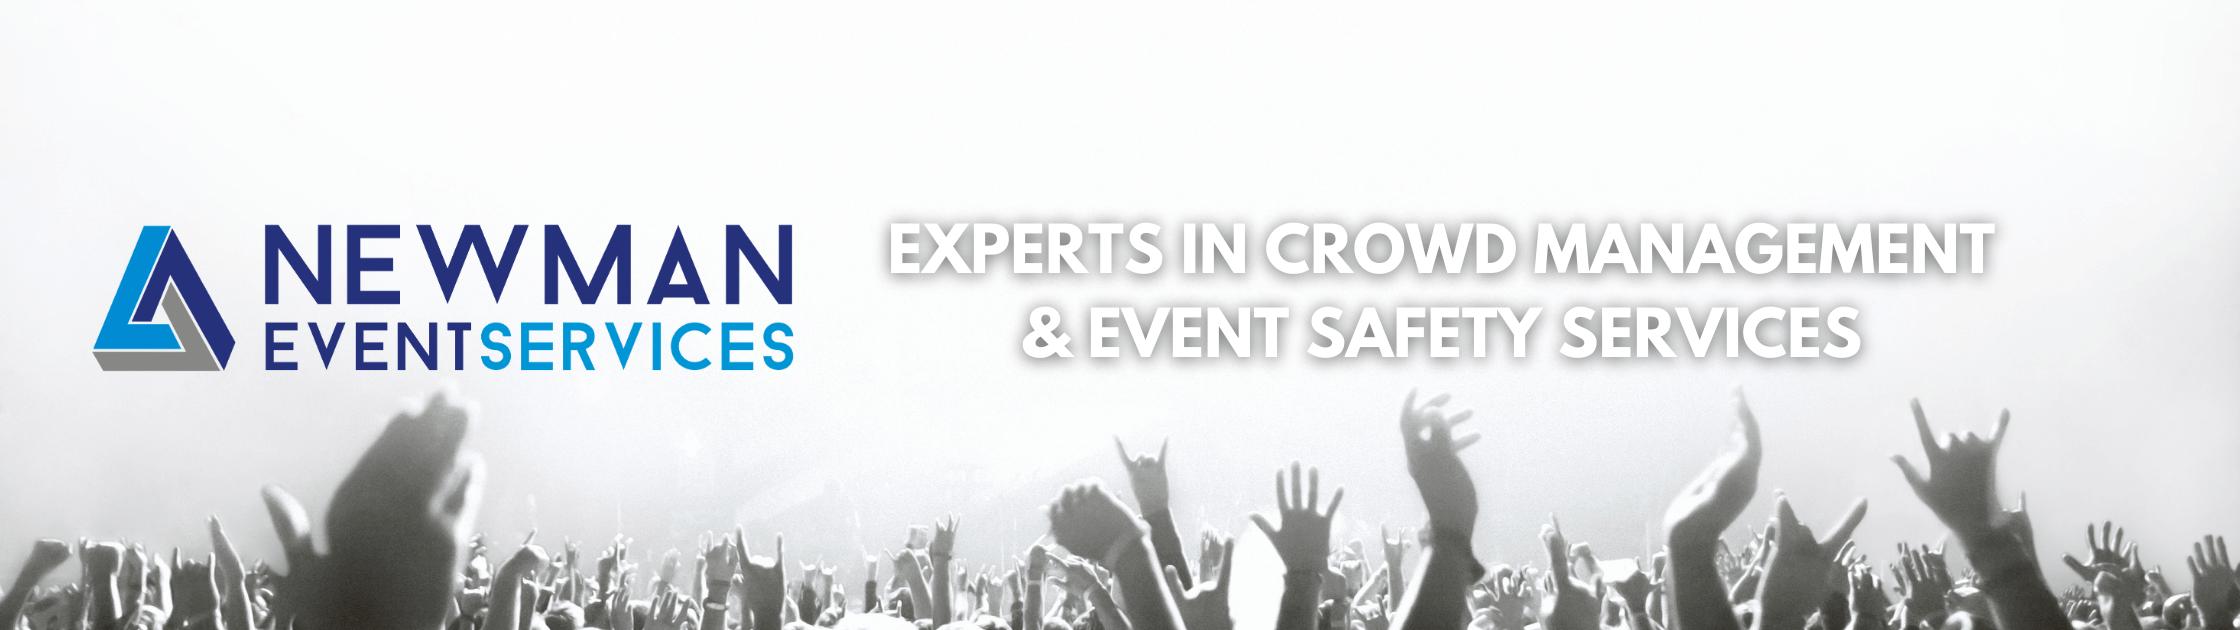 Crowd Management Banner